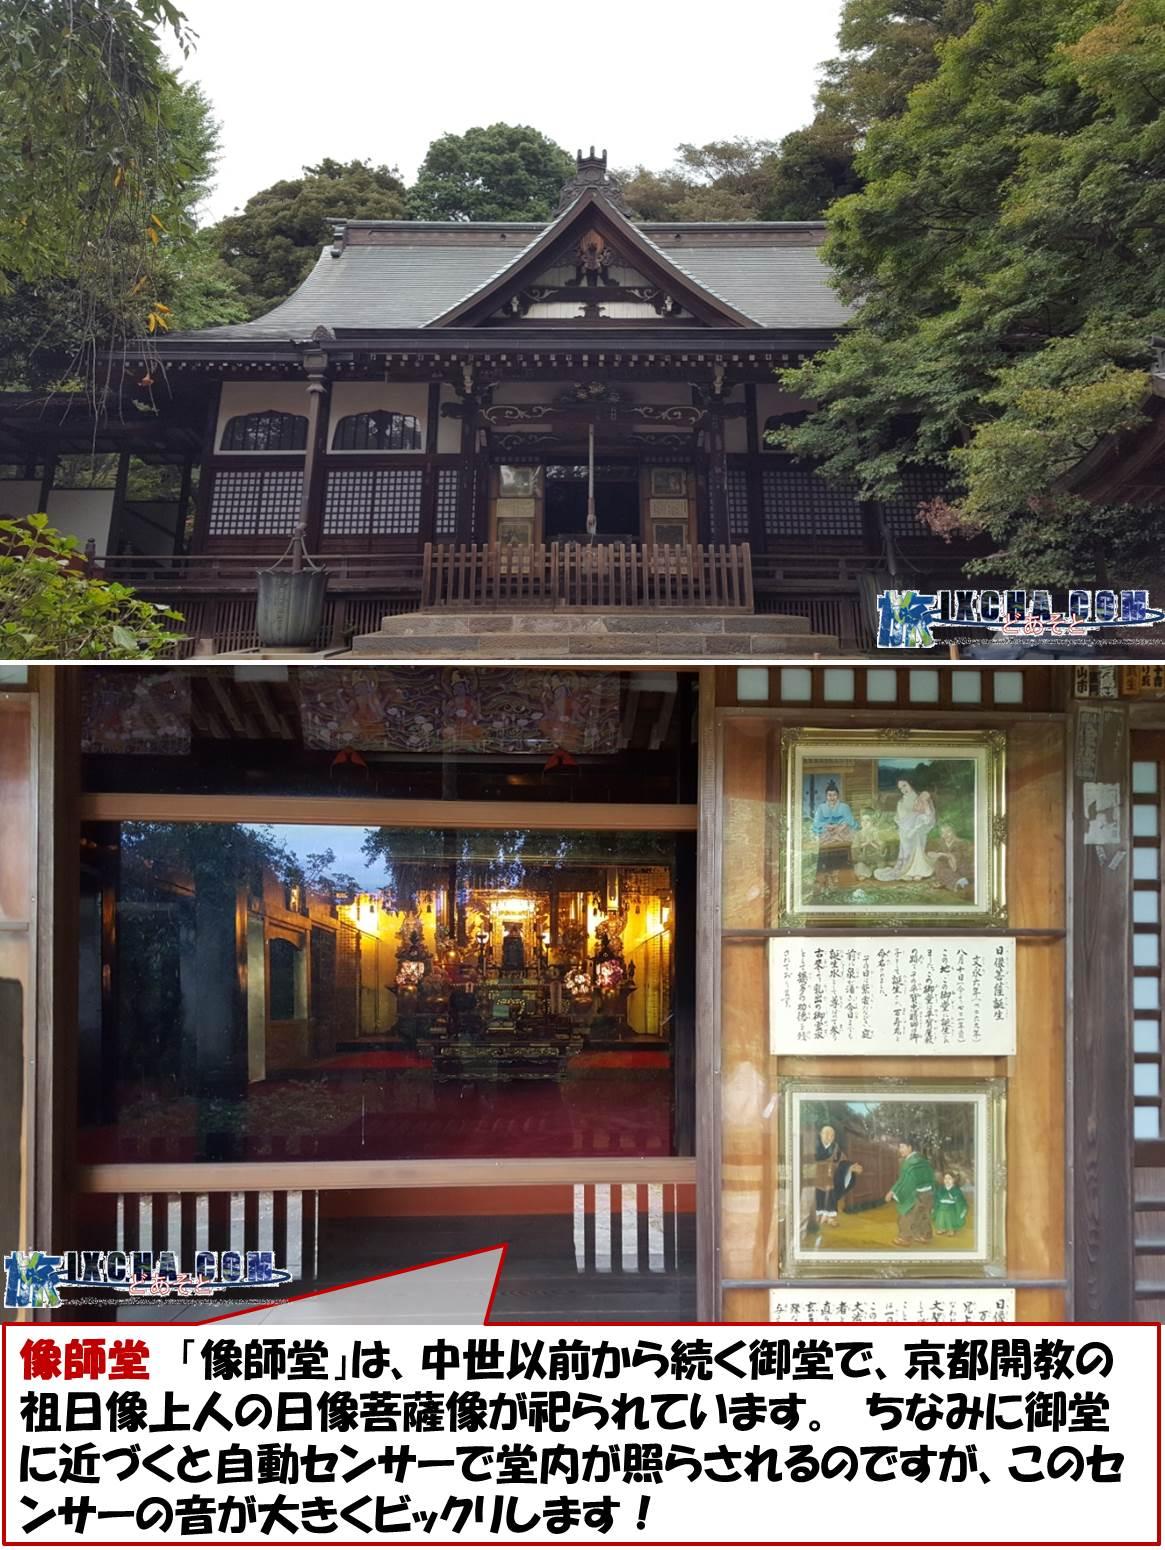 像師堂 「像師堂」は、中世以前から続く御堂で、京都開教の祖日像上人の日像菩薩像が祀られています。 ちなみに御堂に近づくと自動センサーで堂内が照らされるのですが、このセンサーの音が大きくビックリします!